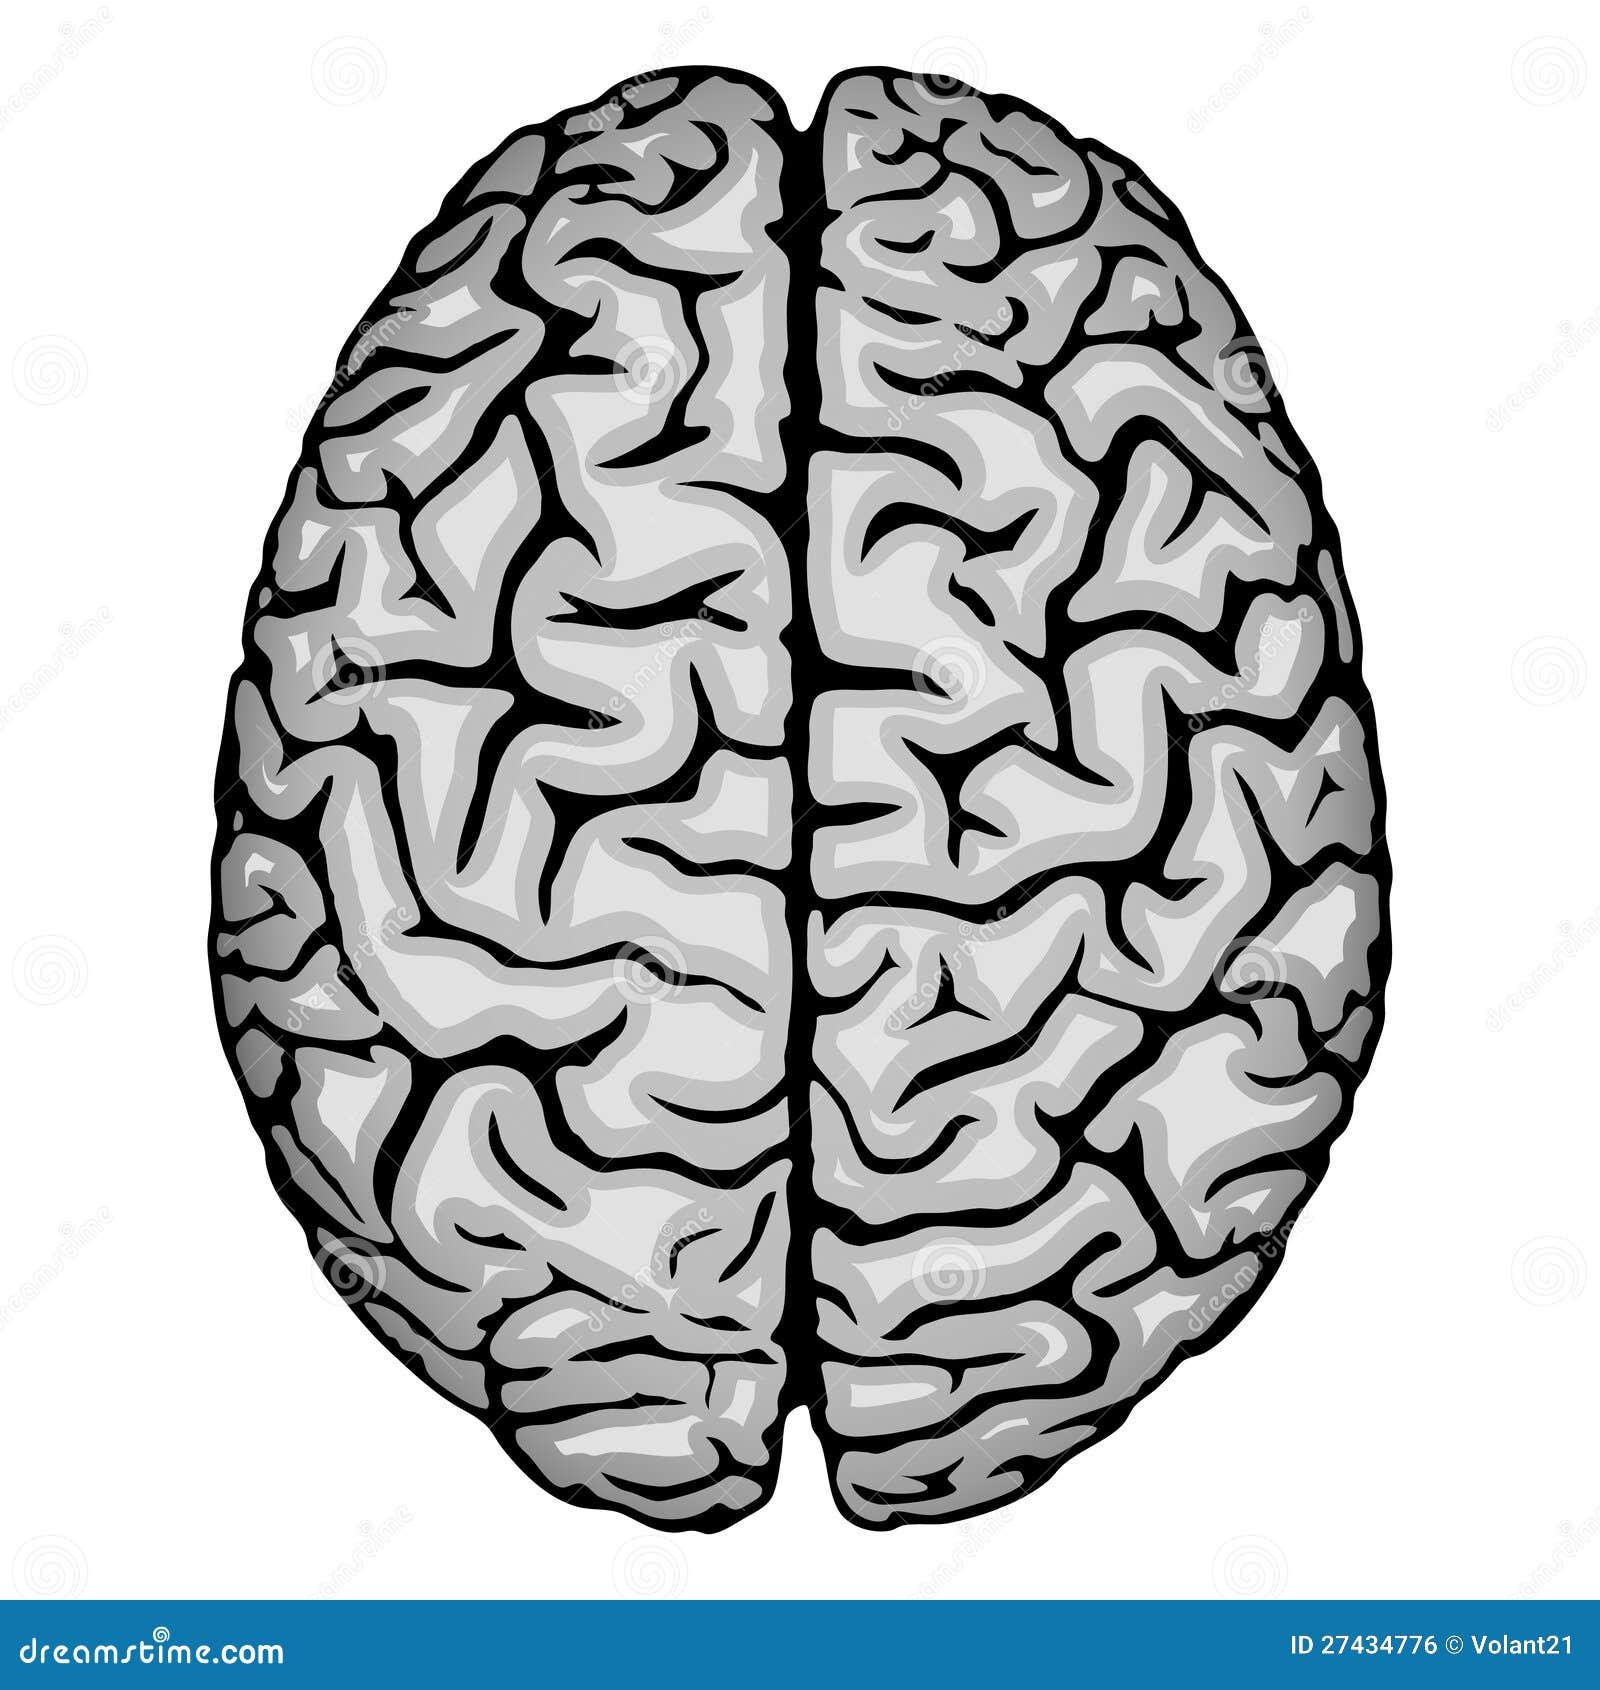 Cervello umano illustrazione vettoriale immagine di for Immagini vector